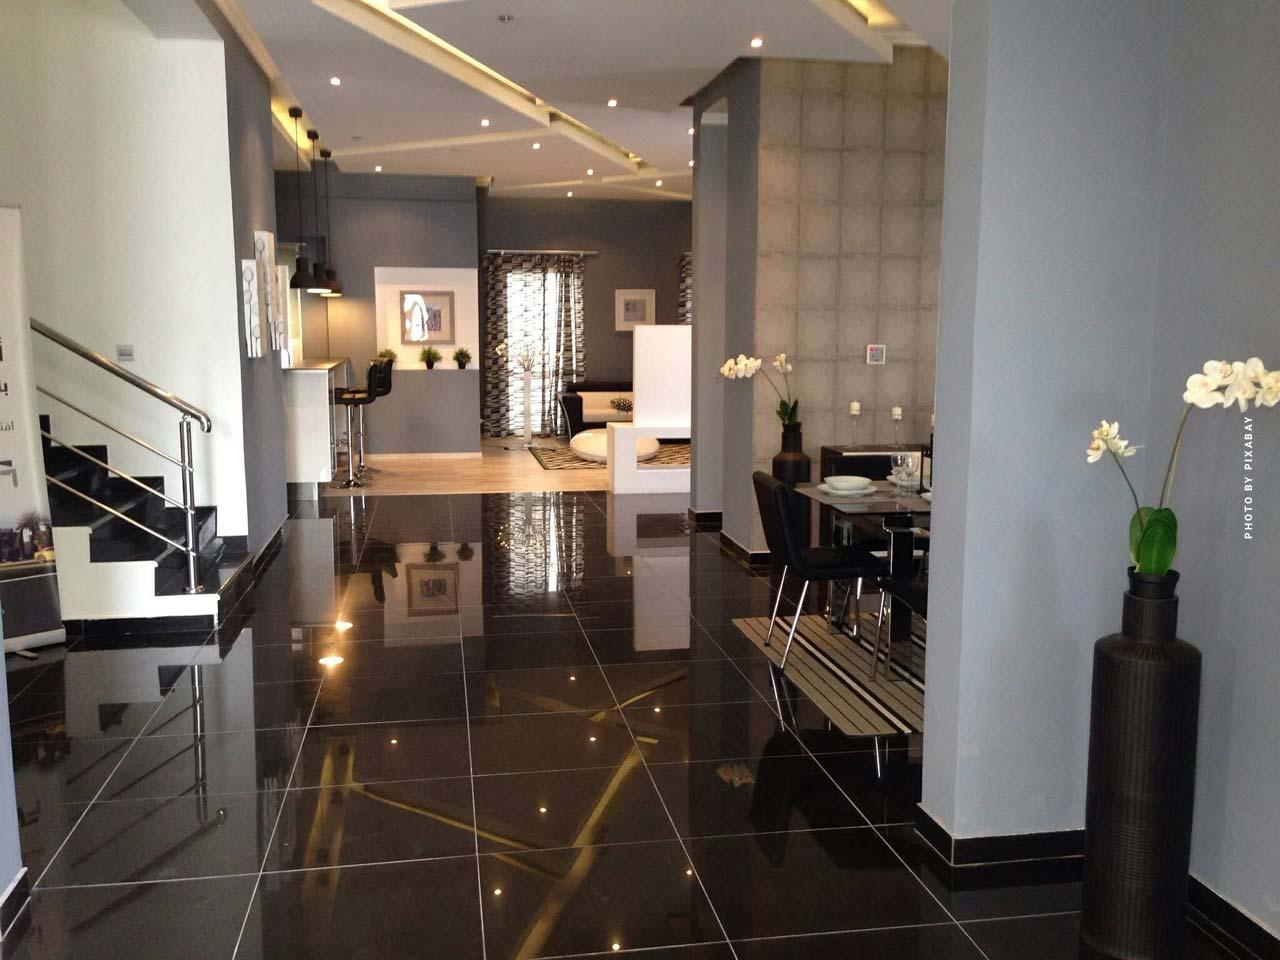 Luxusimmobilien London: Wohnung einschließlich Parkplatz, Haus, Penthouse bis zu $38 Millionen